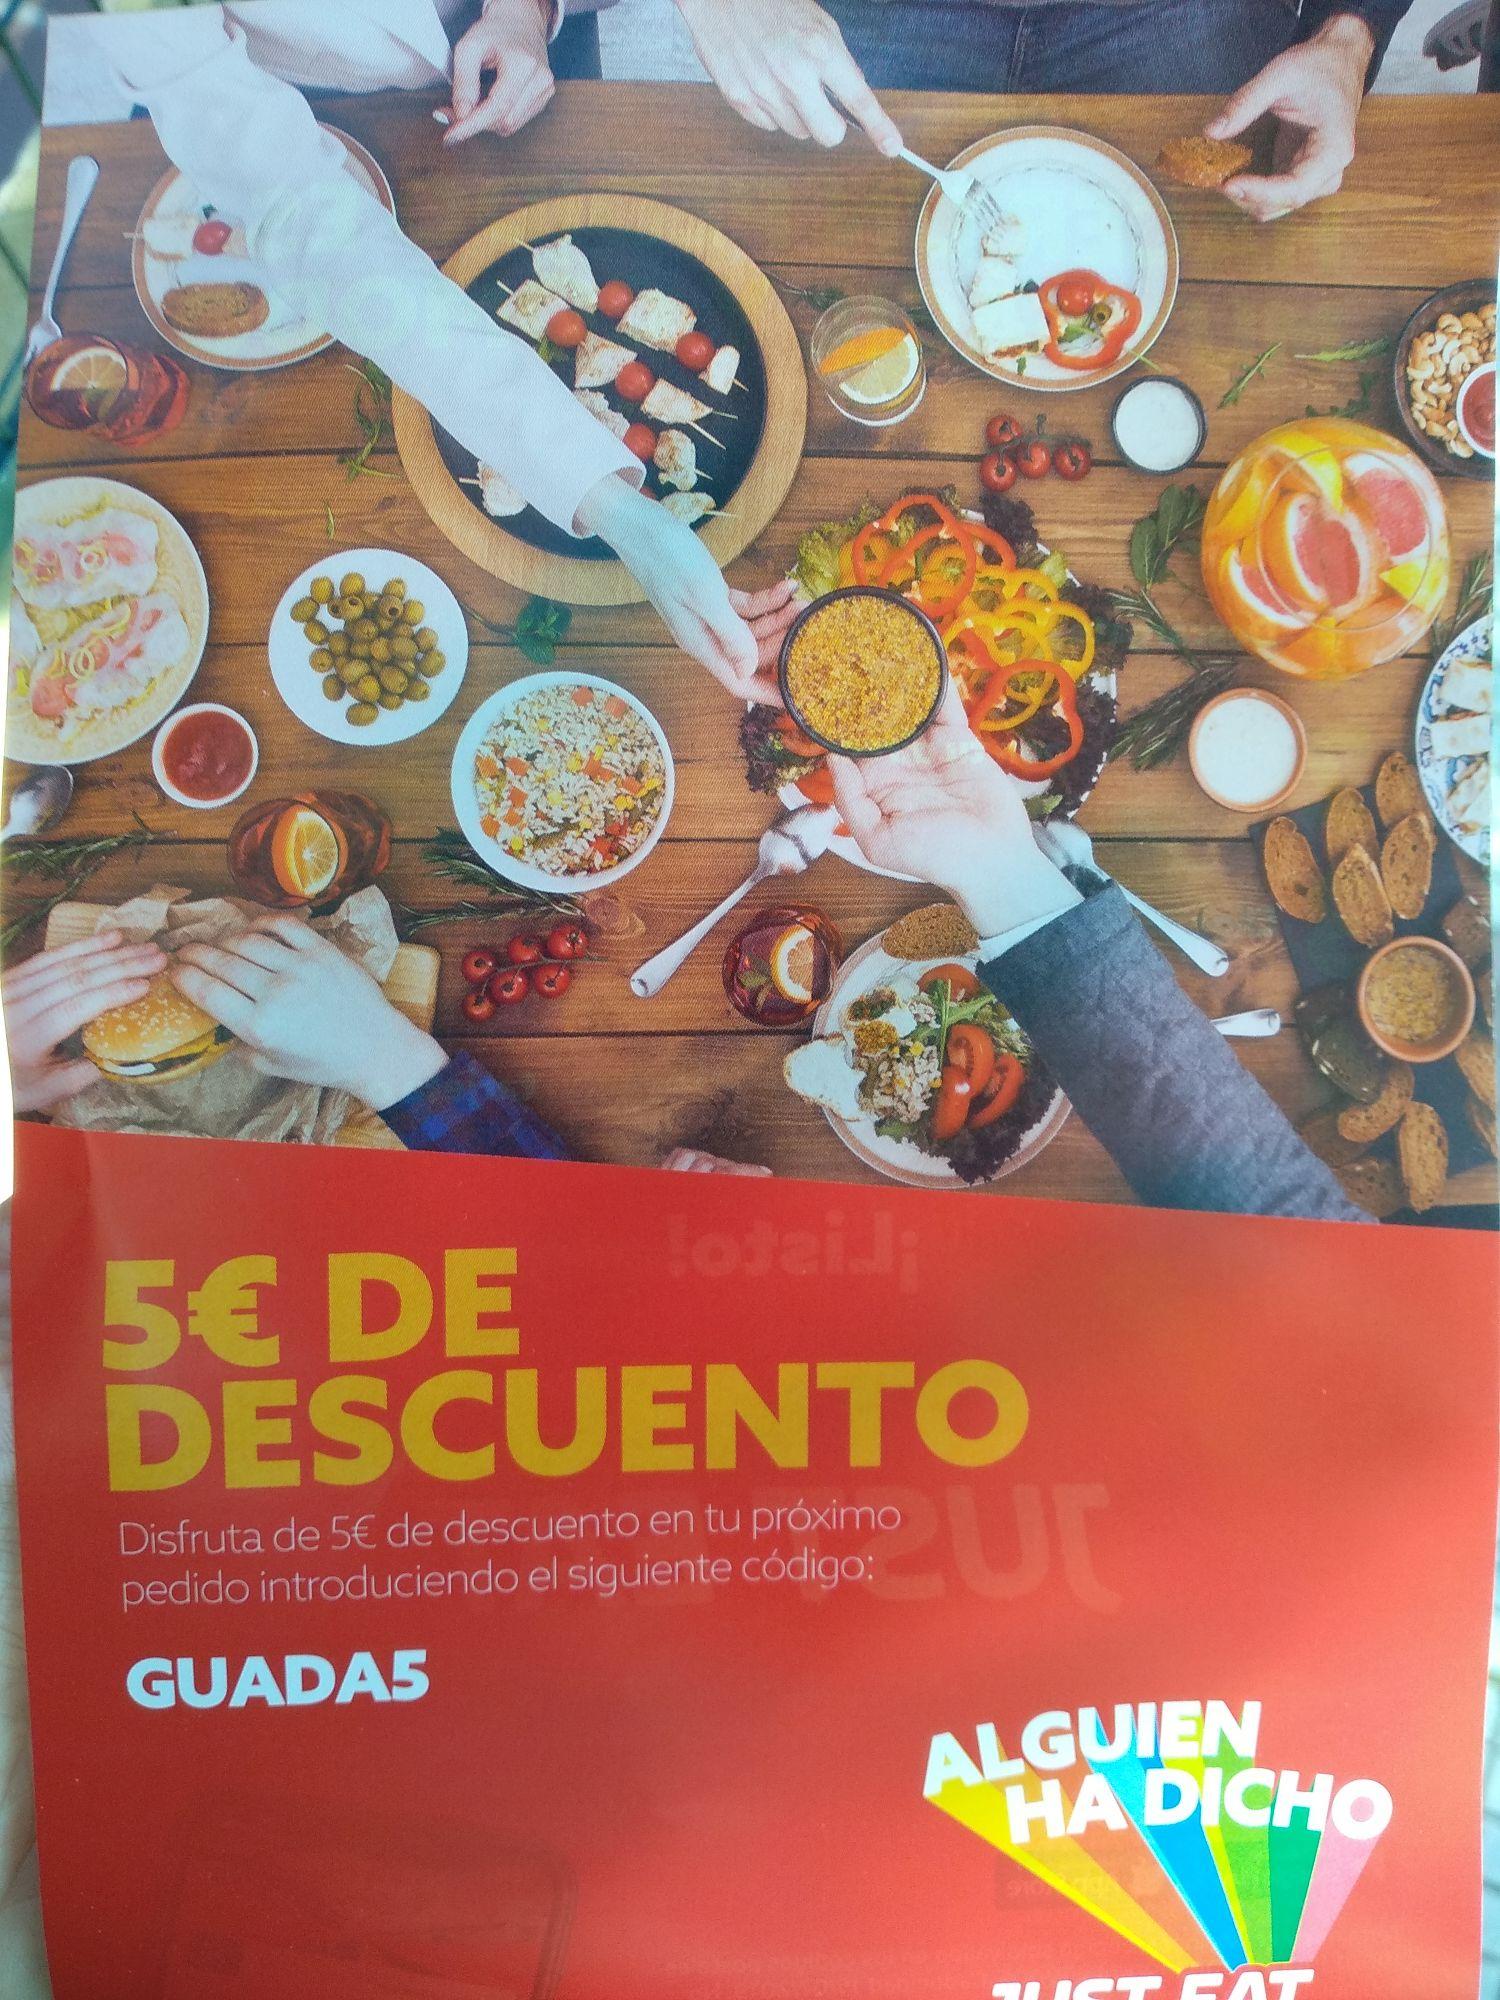 5€ descuento Just Eat en pedidos de +10€ en Guadalajara